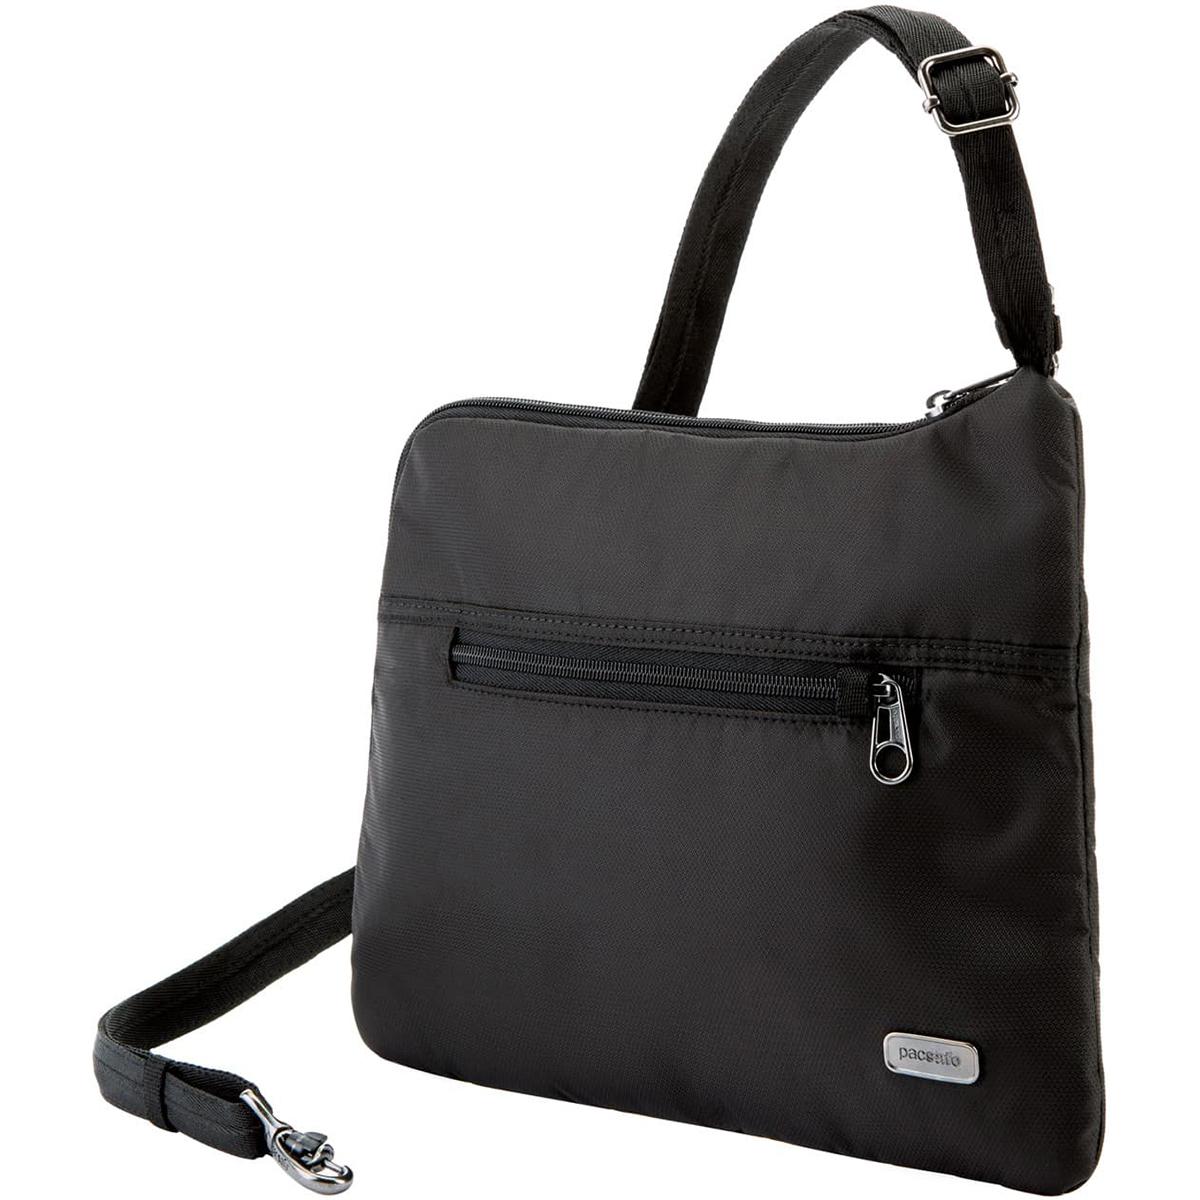 PacSafe-DaySafe-Anti-Theft-Slim-Crossbody-Bag thumbnail 5